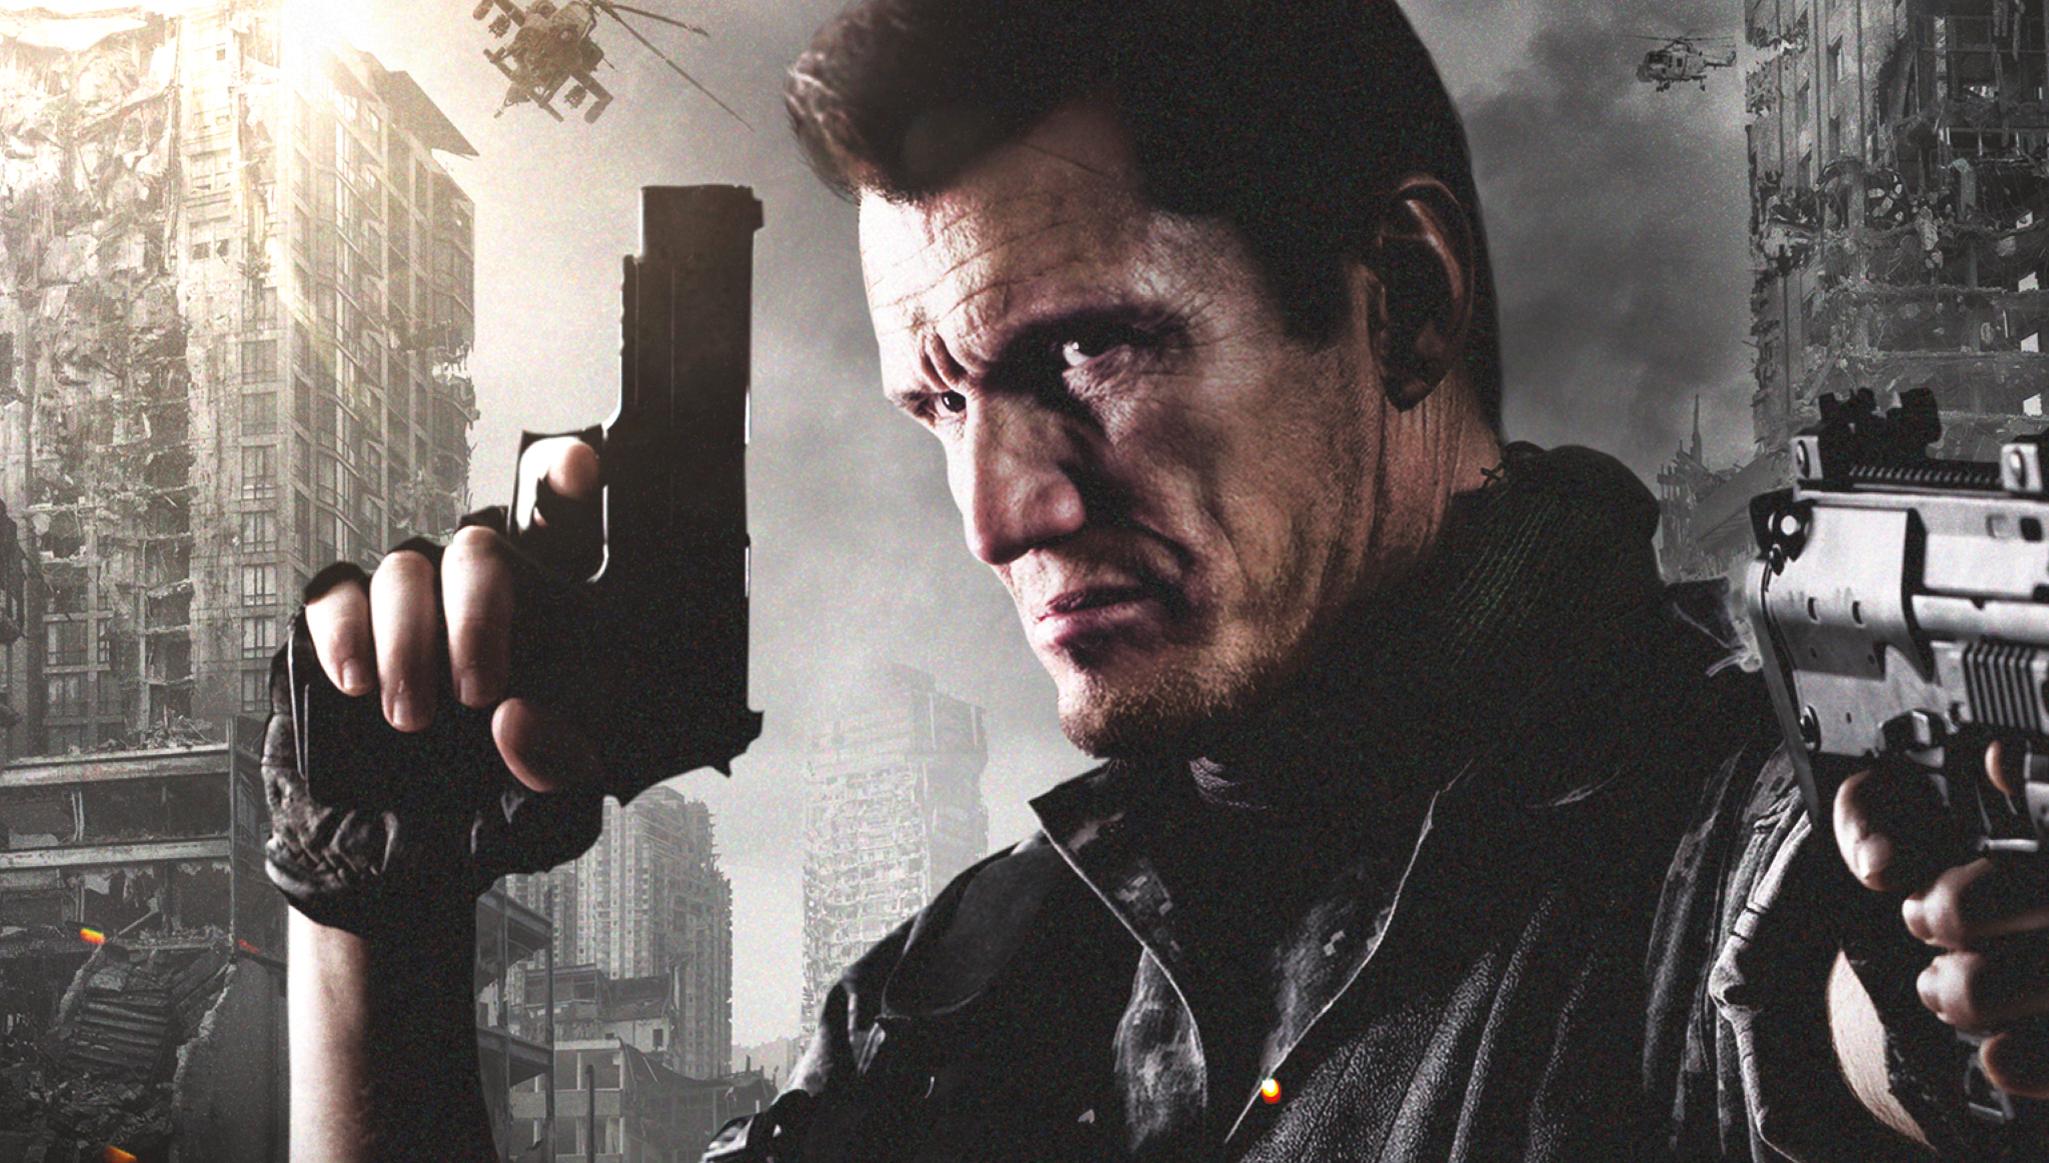 dead trigger movie wiki